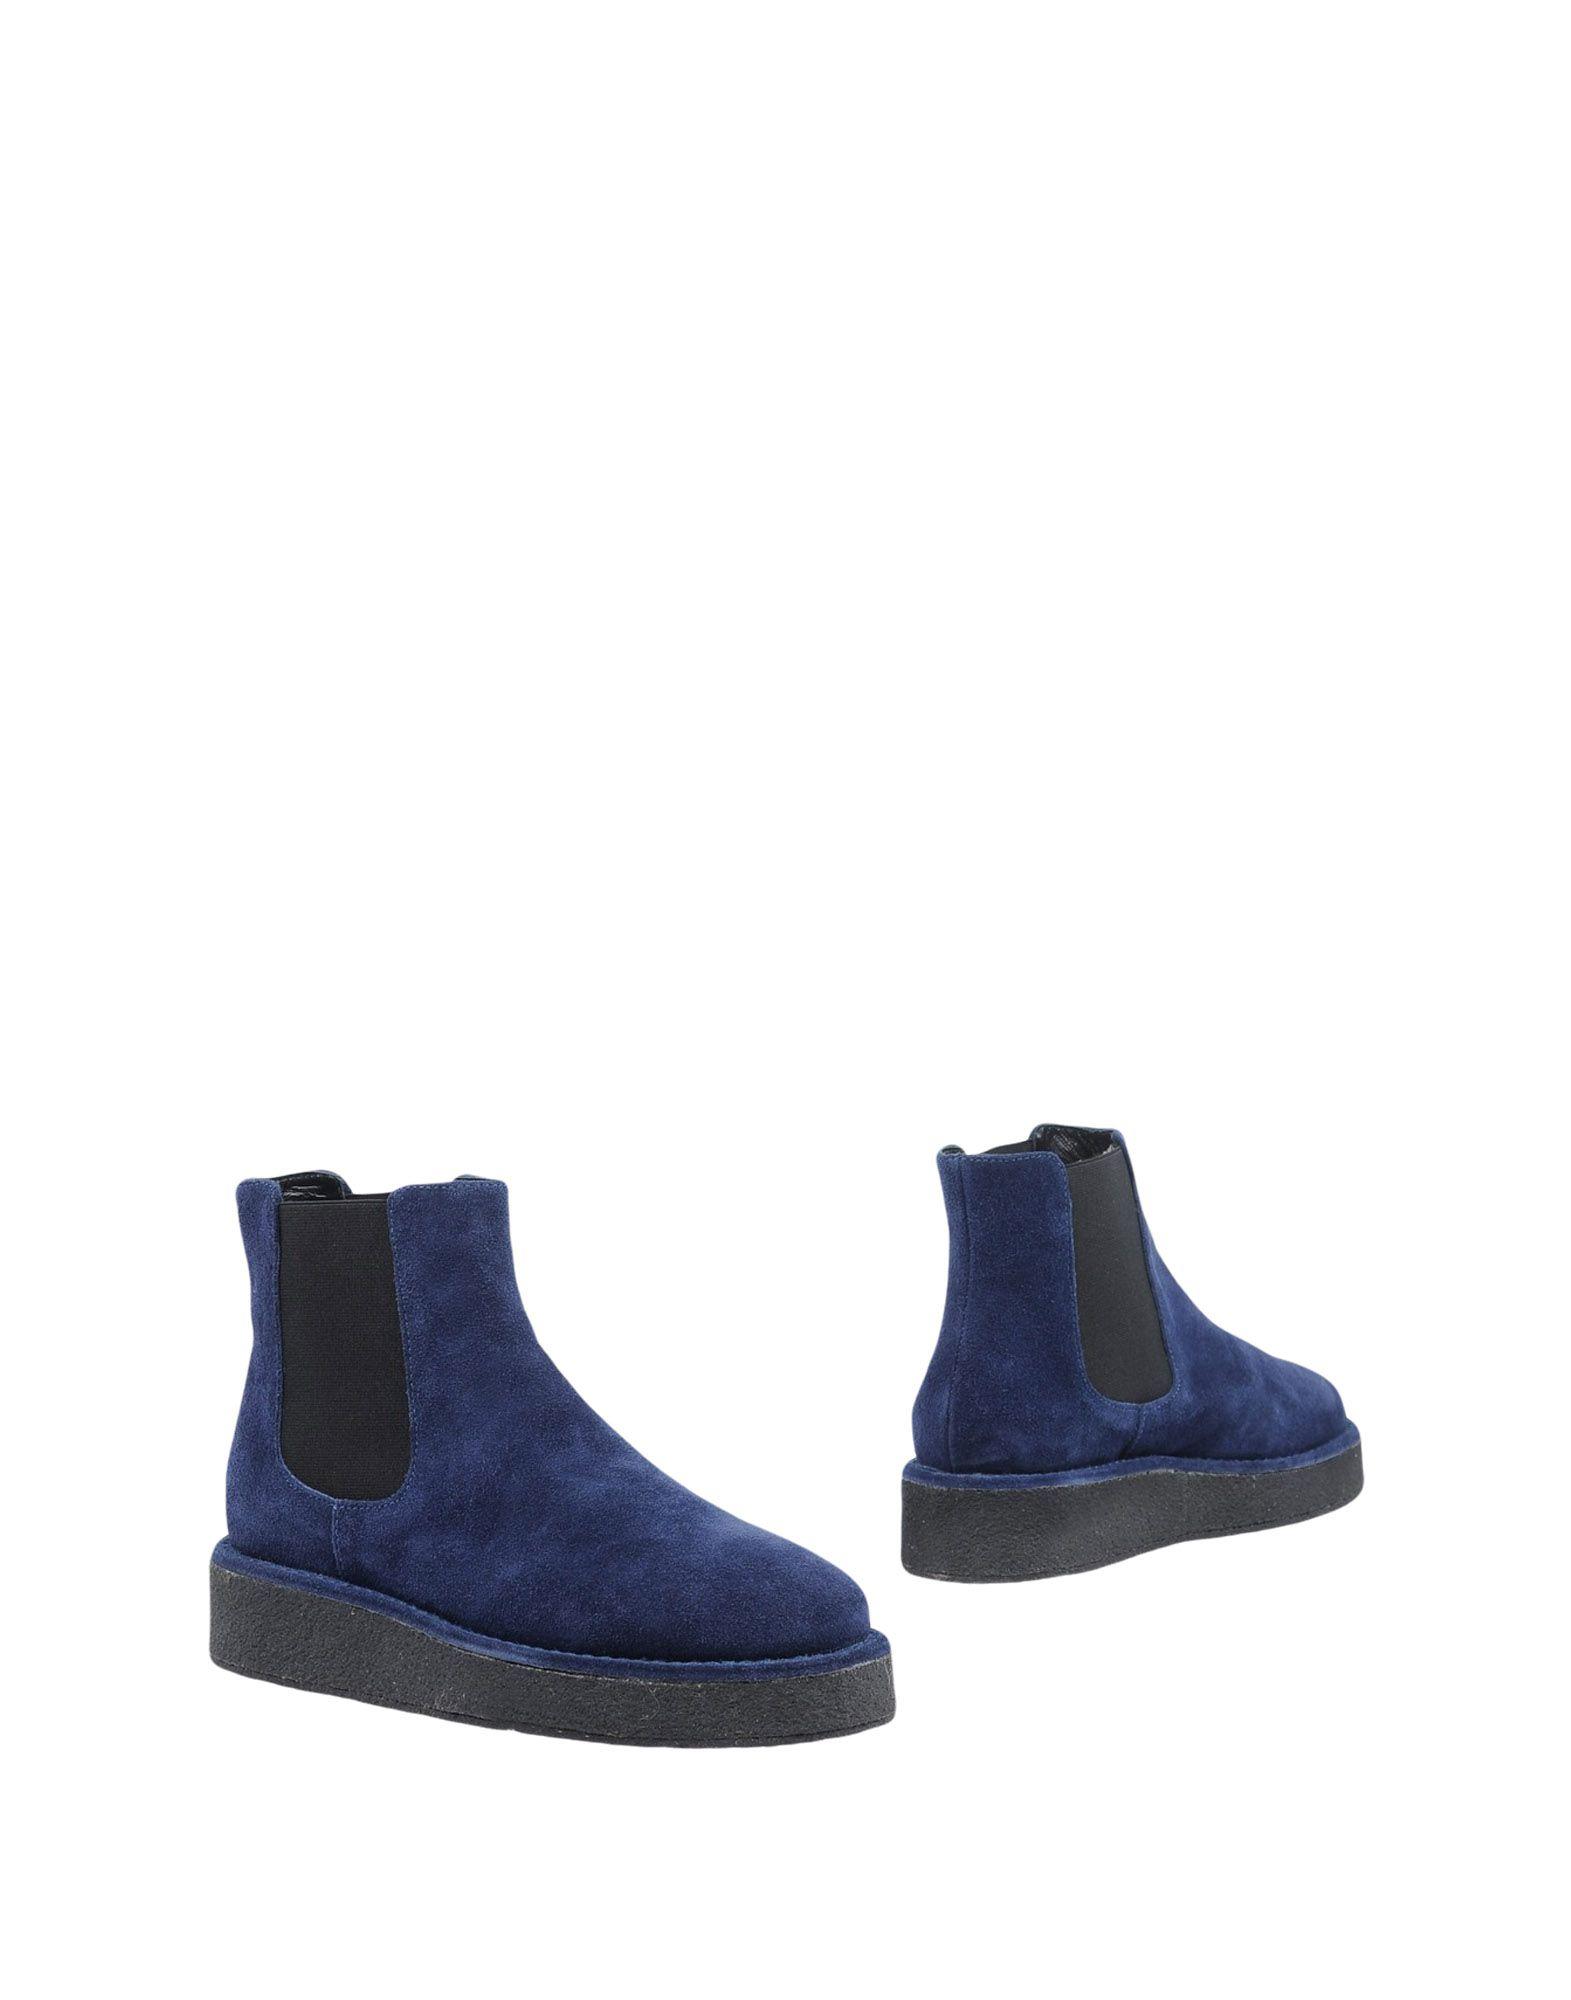 FIORINA Полусапоги и высокие ботинки купить футбольную форму челси торрес